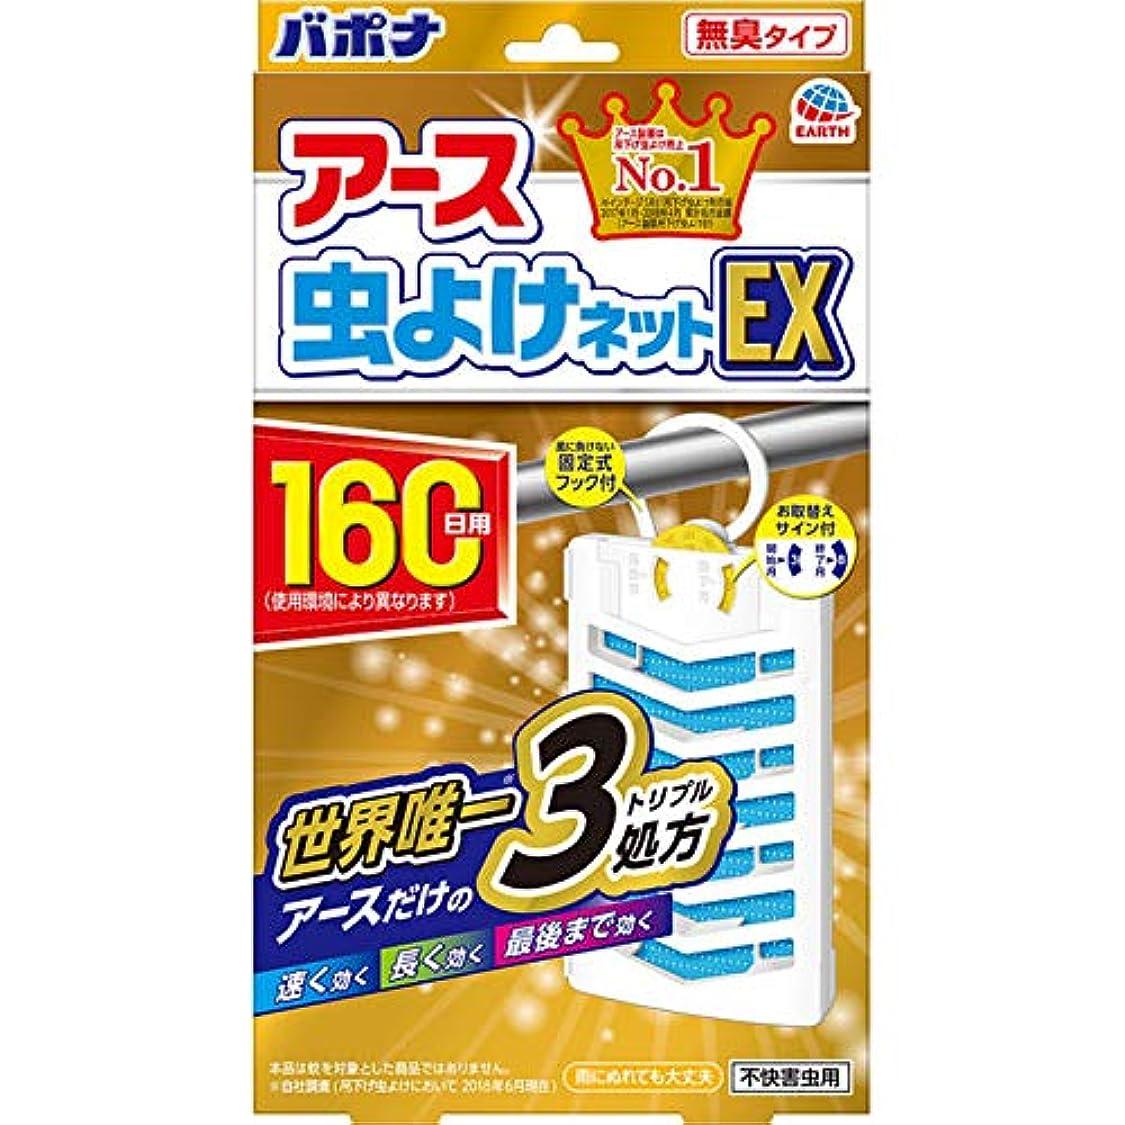 【10個セット】アース虫よけネットEX 虫除け プレート 160日用